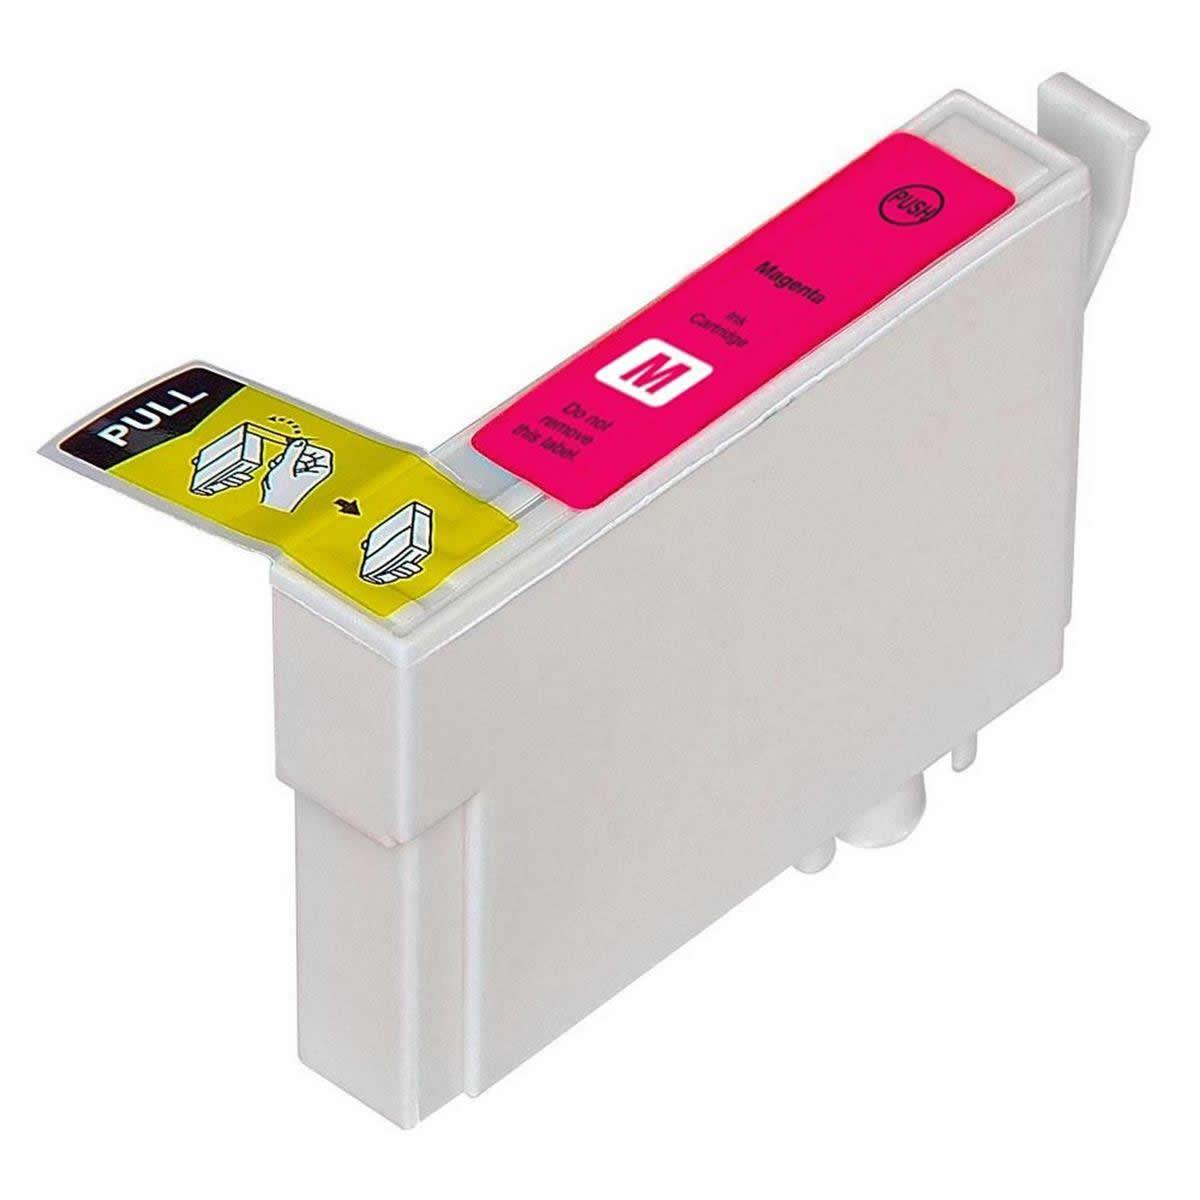 Cartucho MJ Compatível TO633 Magenta para C67 C87 CX3700 CX4100 da EPSON